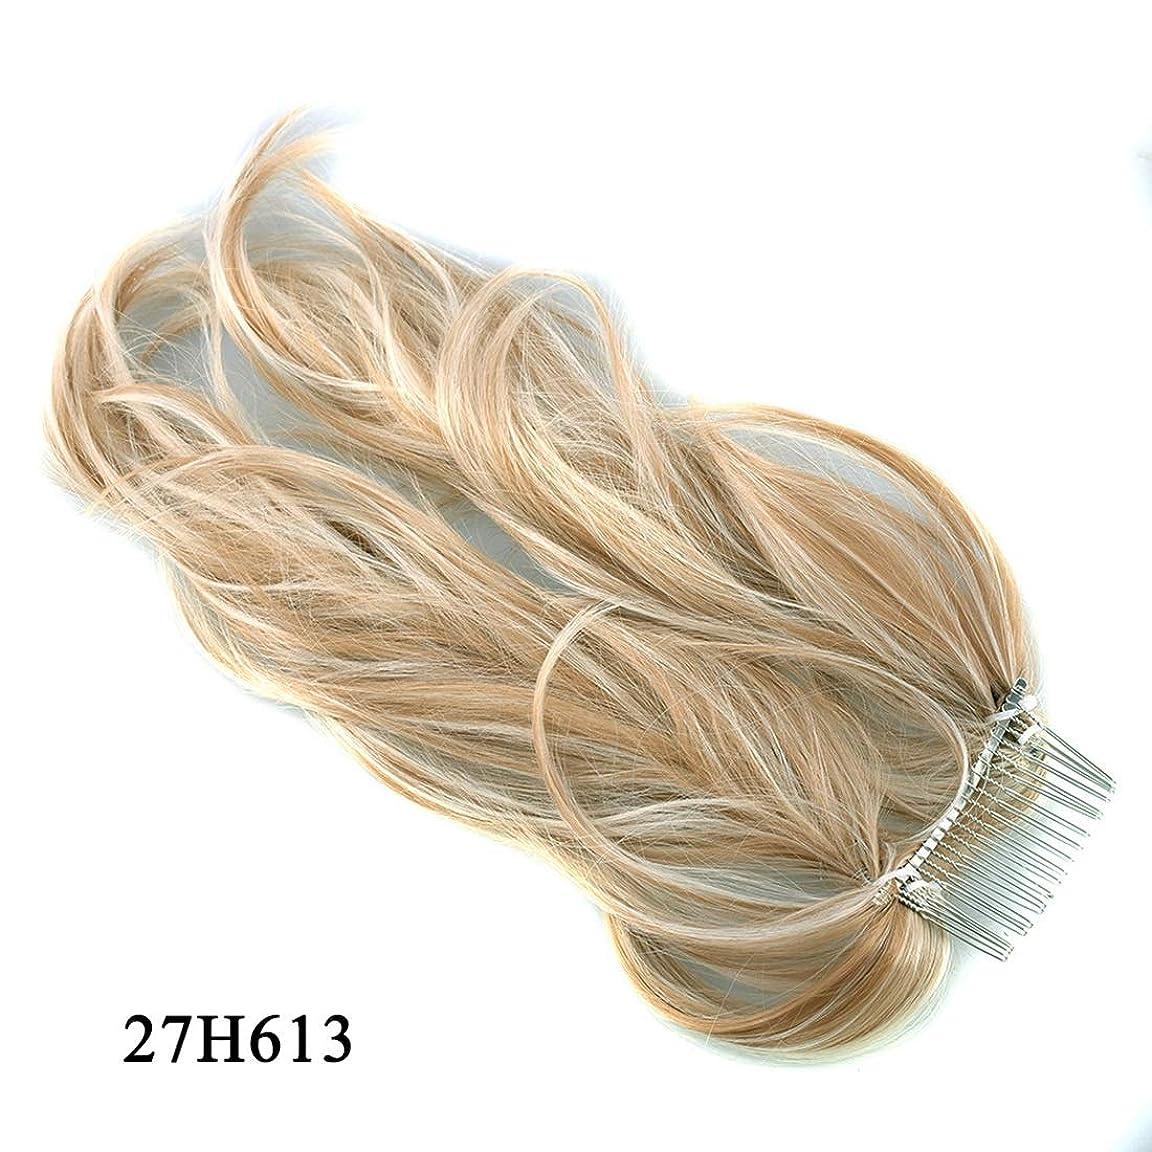 懐疑論メダル見出しJIANFU かつらヘアリング様々な柔軟なポニーテールメタルプラグコムポニーテール化学繊維ヘアエクステンションピース (Color : 27H613)